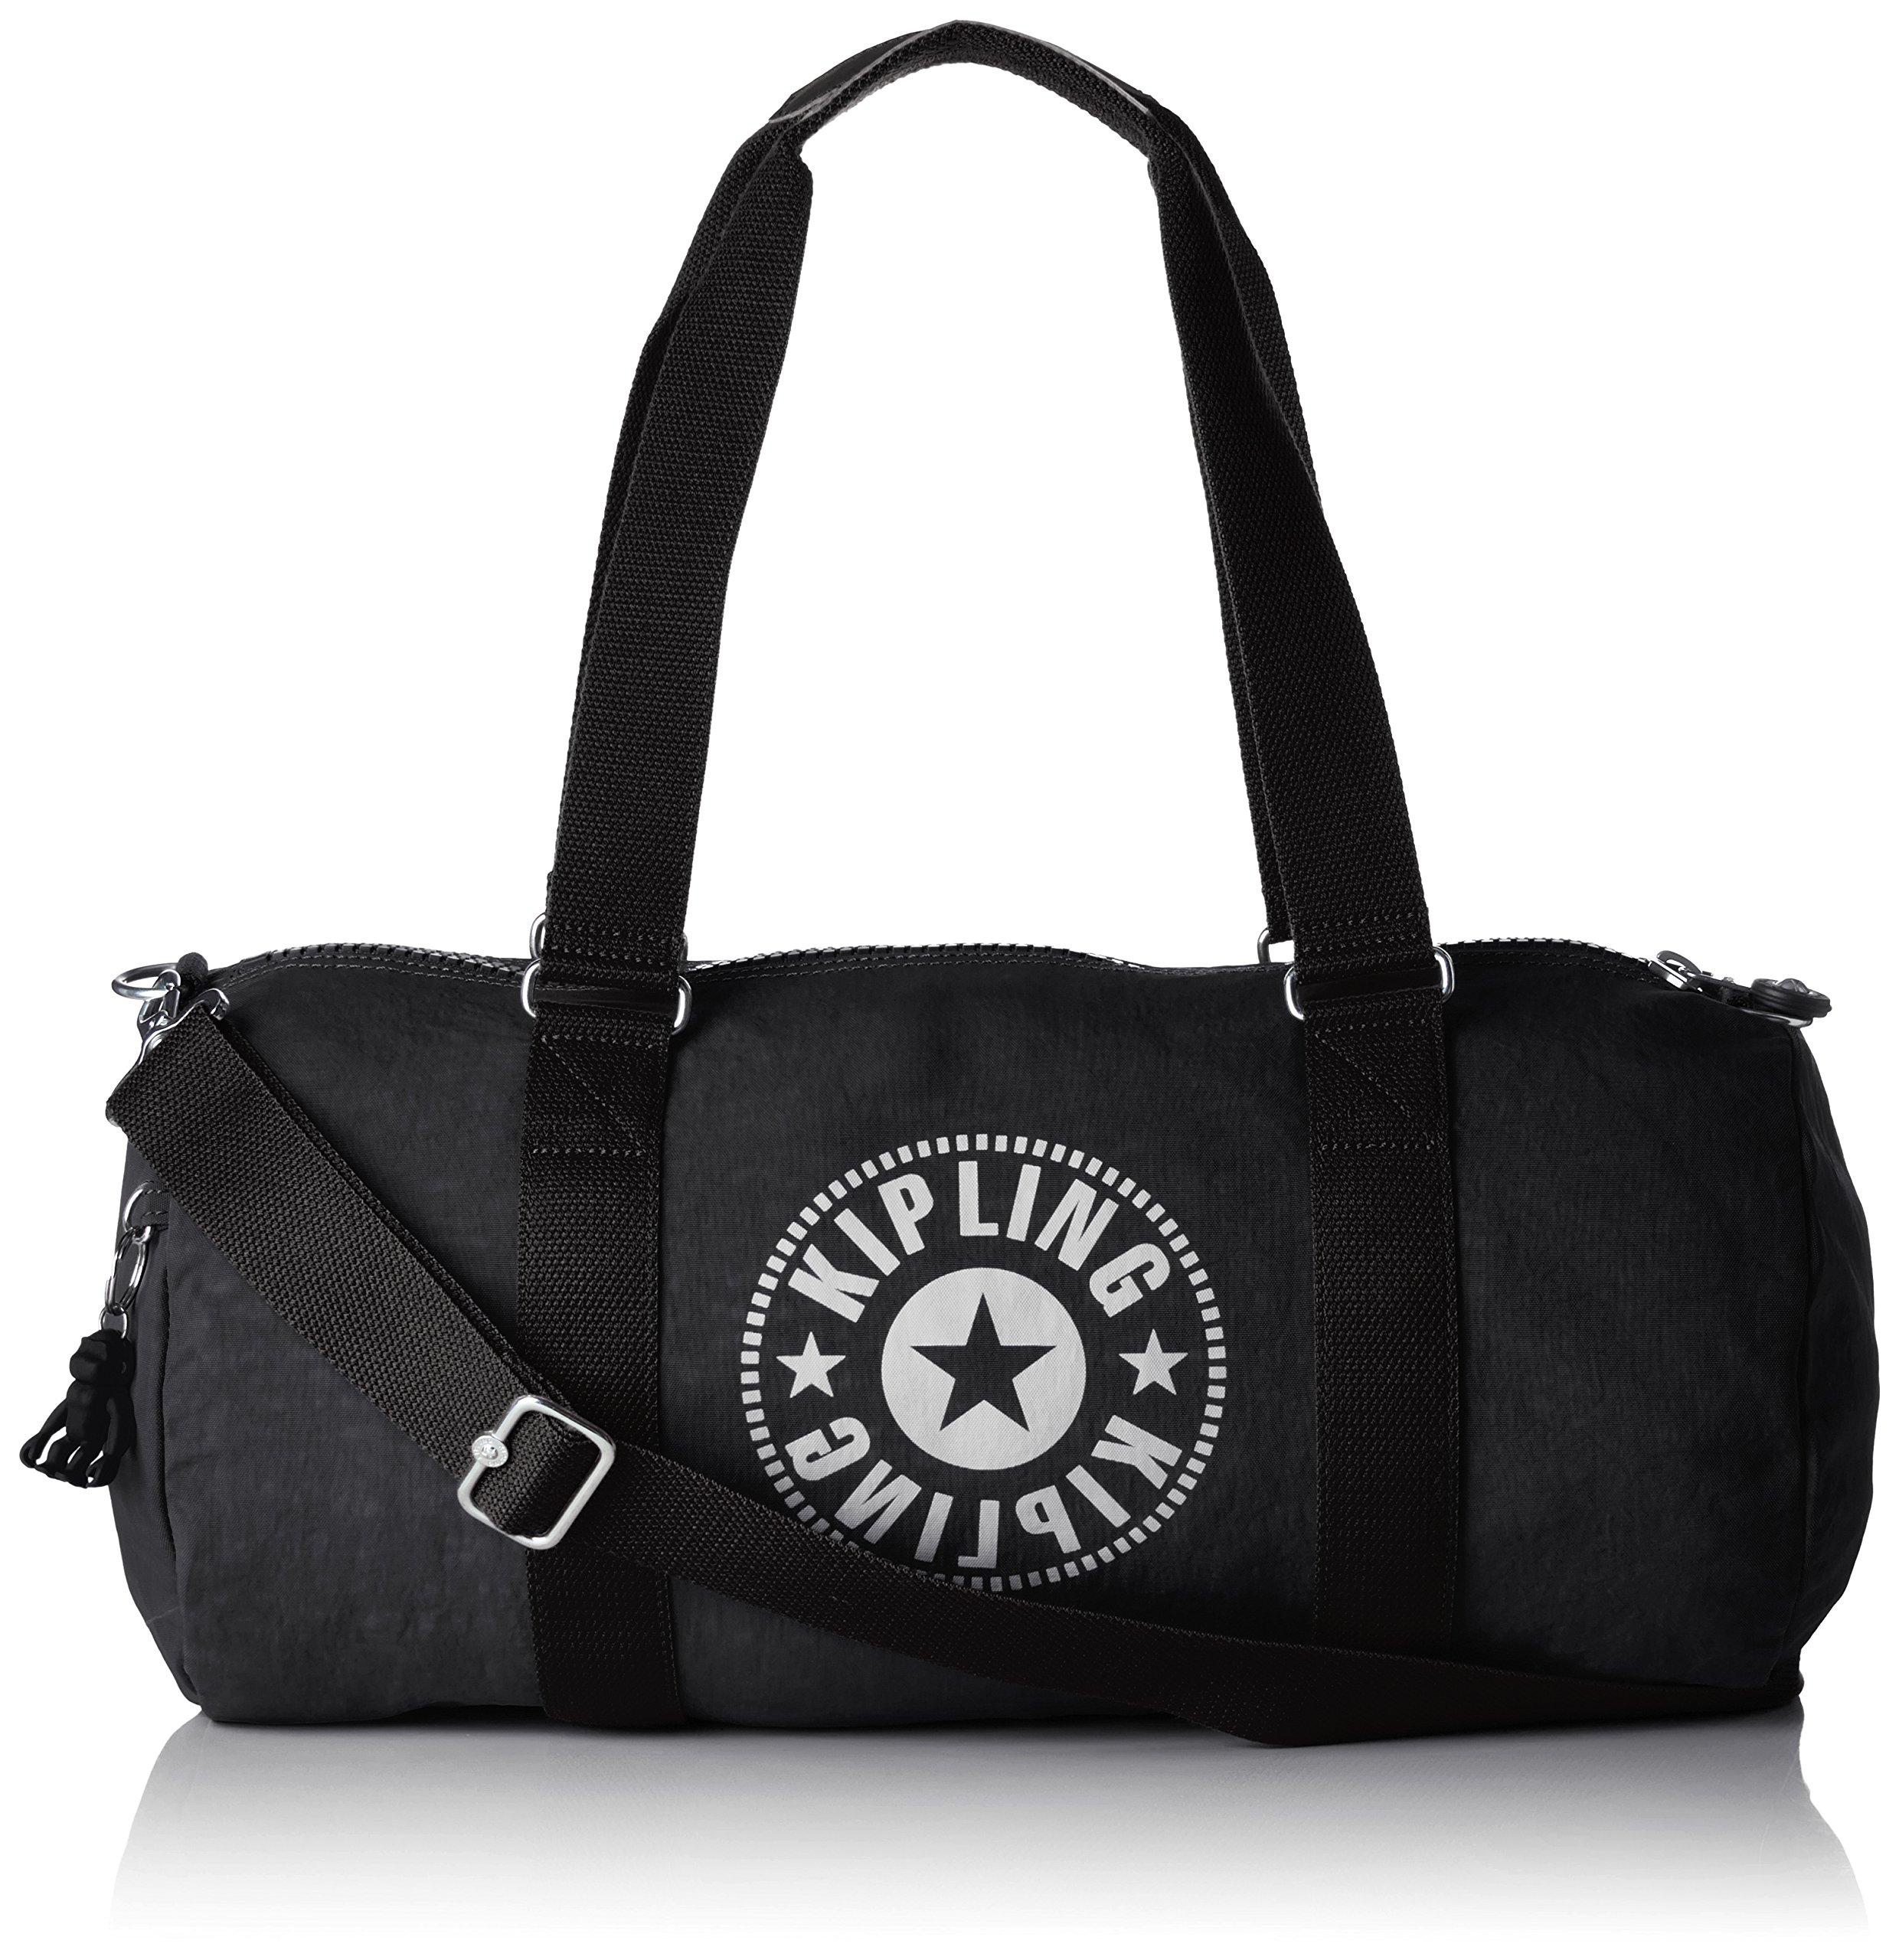 キプリングOnaloスポーツバッグ、45センチメートル活発な黒45センチメートル